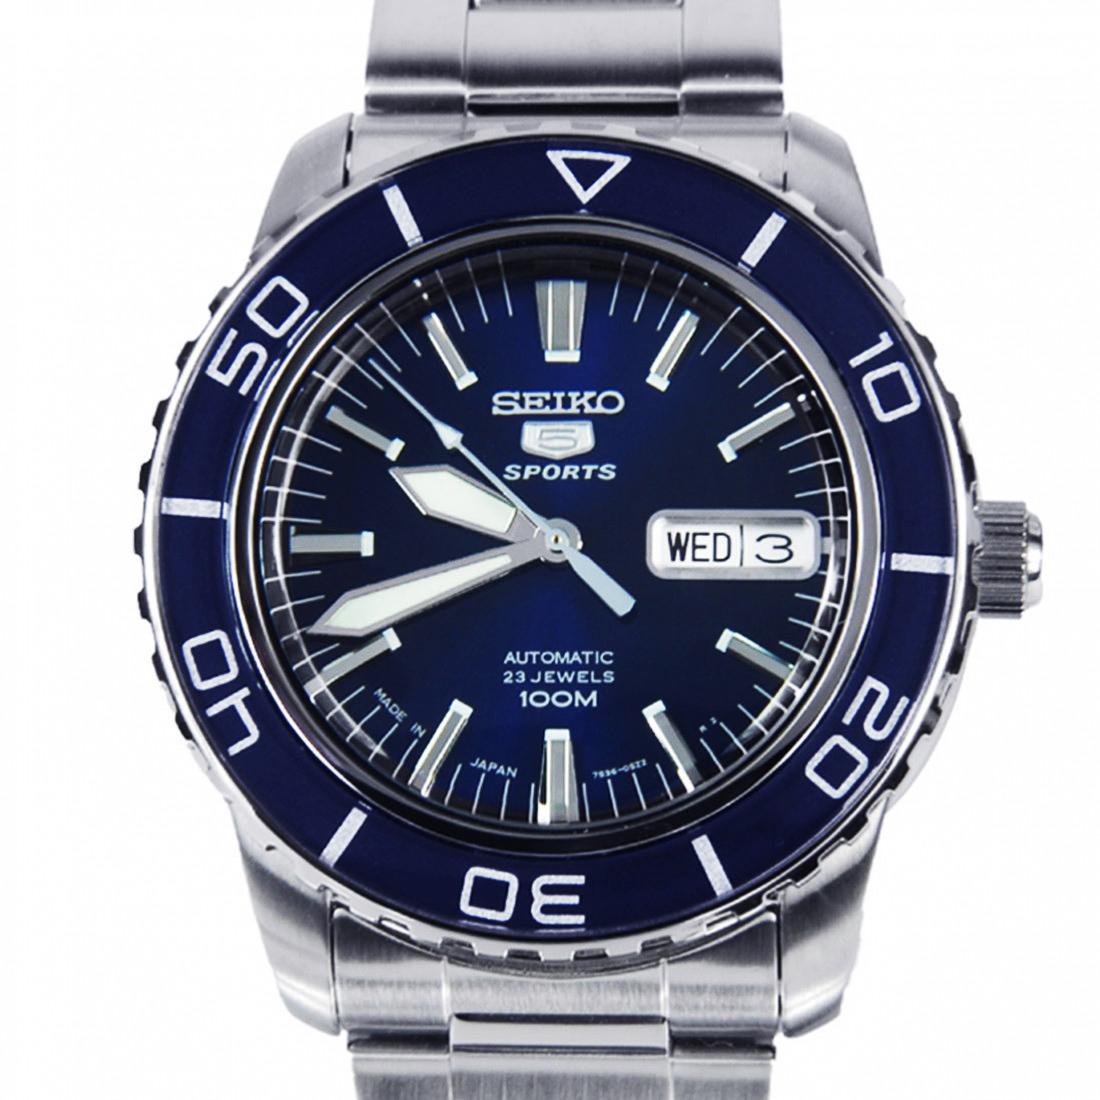 นาฬิกา Seiko Automatic Sports Mens Diver Watch Blue SNZH53K1